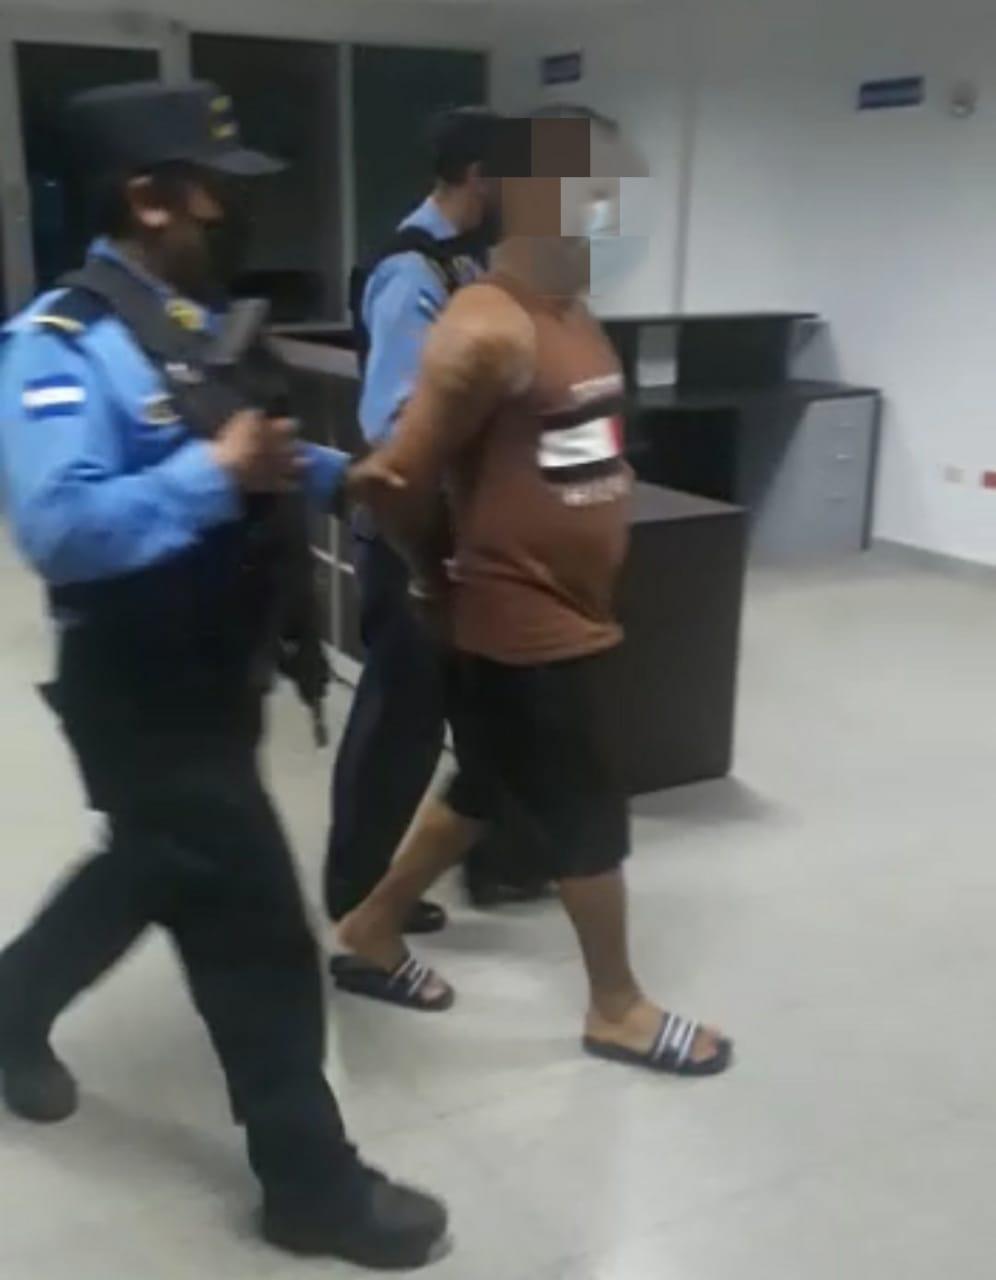 Con dinero en efectivo y supuesta cocaína policías preventivos arrestan a sospechoso del delito de tráfico de droga